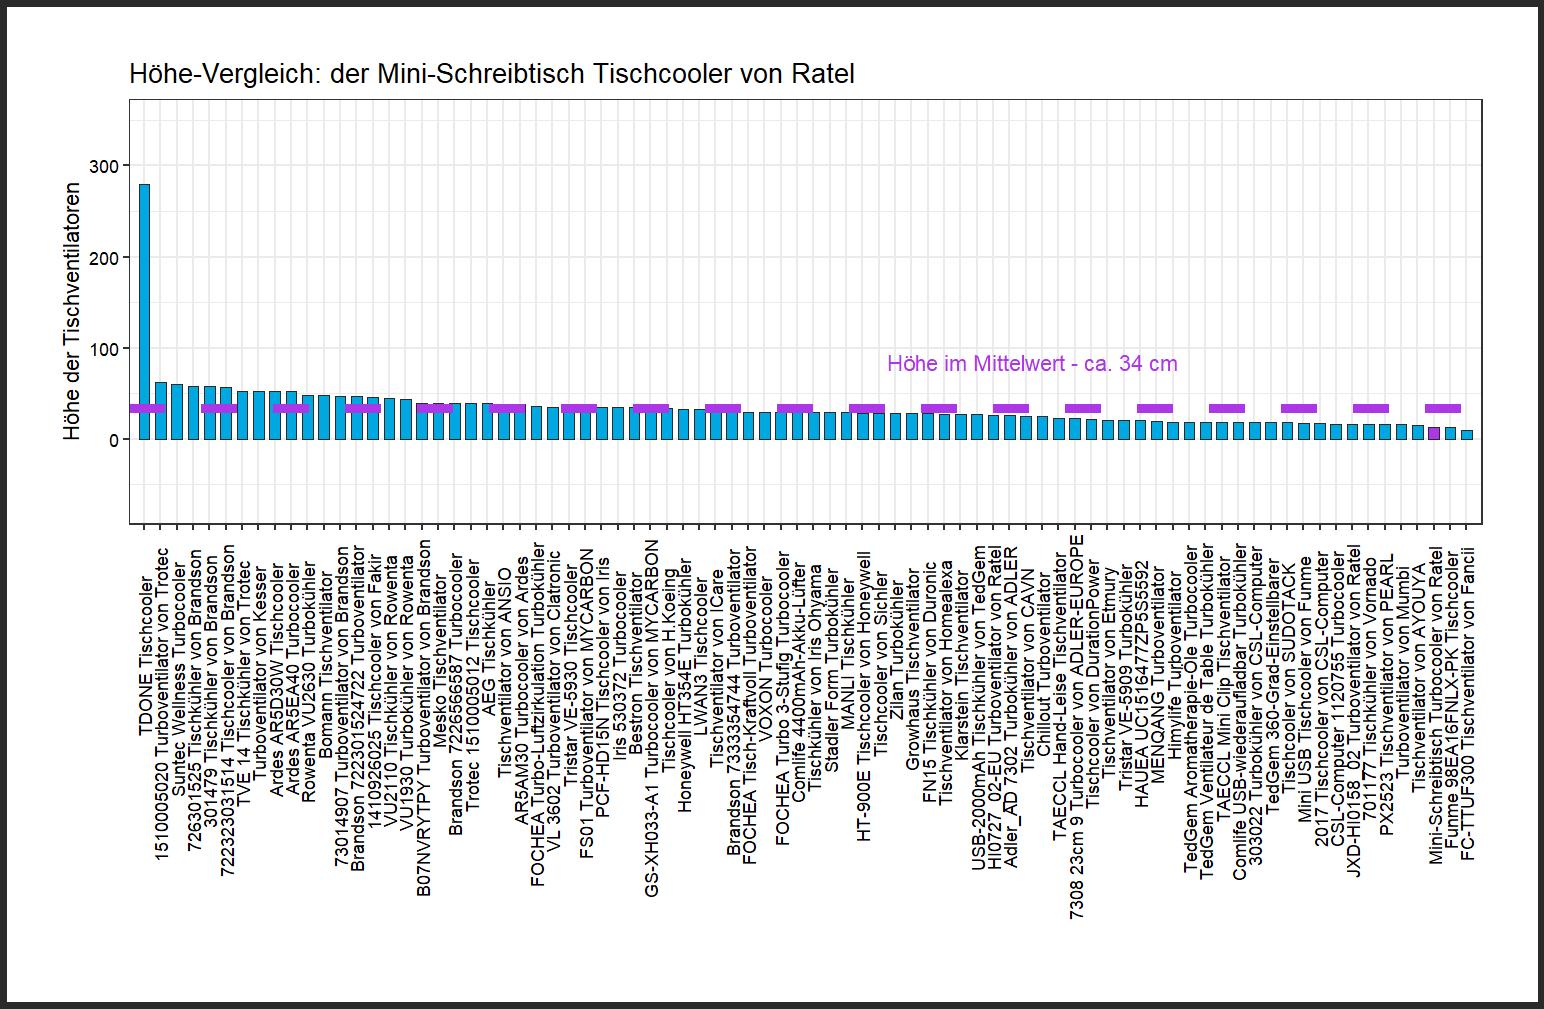 Höhe-Vergleich von dem Ratel Tischcooler Mini-Schreibtisch